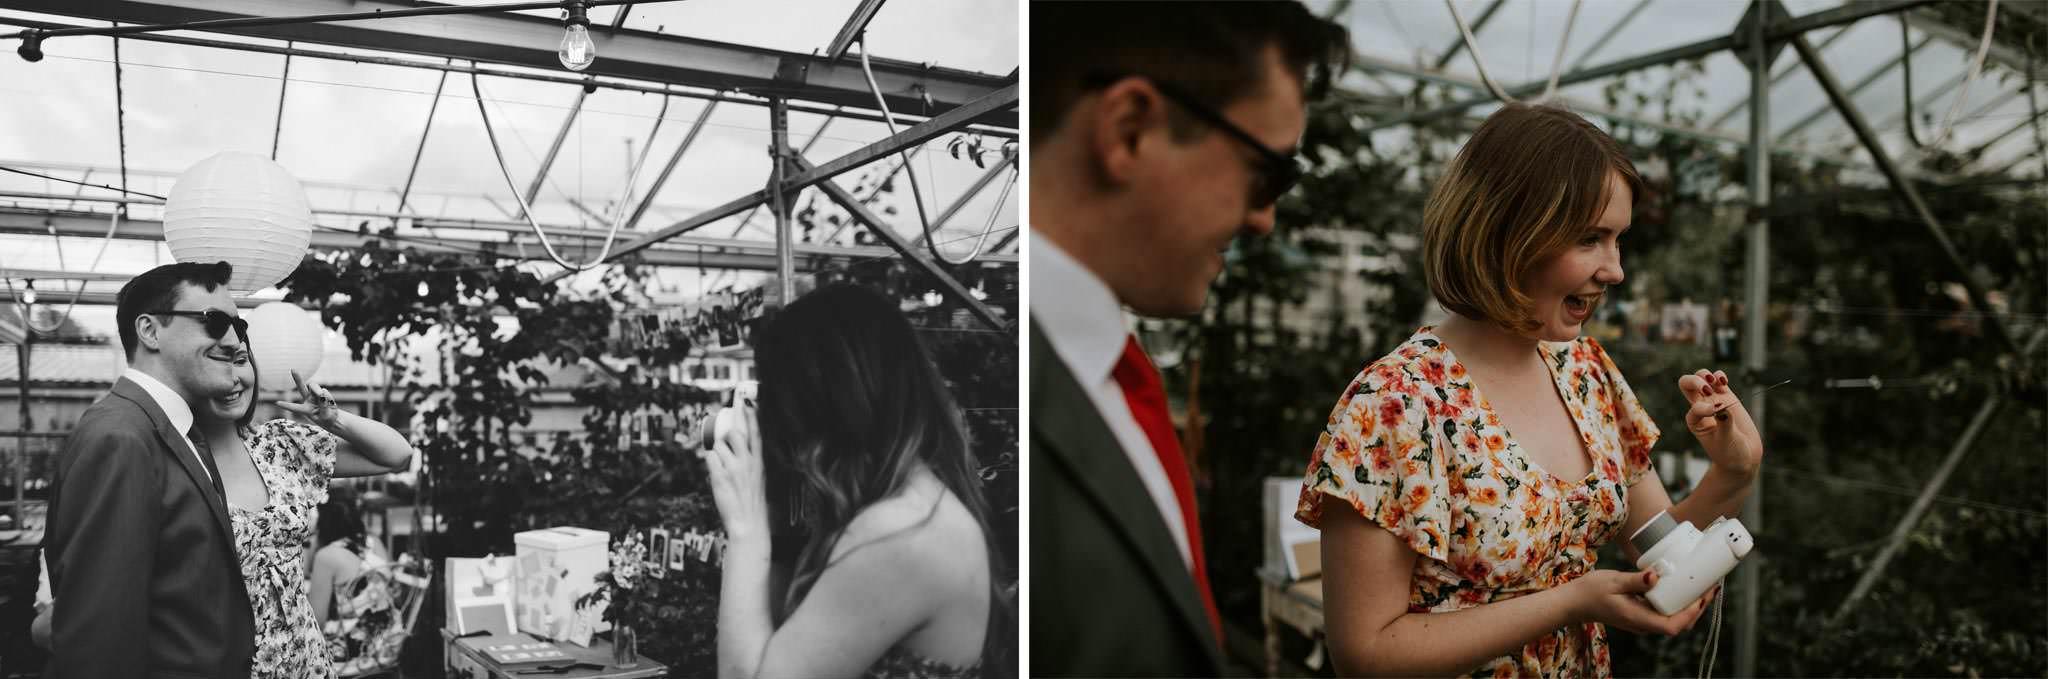 secret-herb-garden-edinburgh-vegan-wedding-097